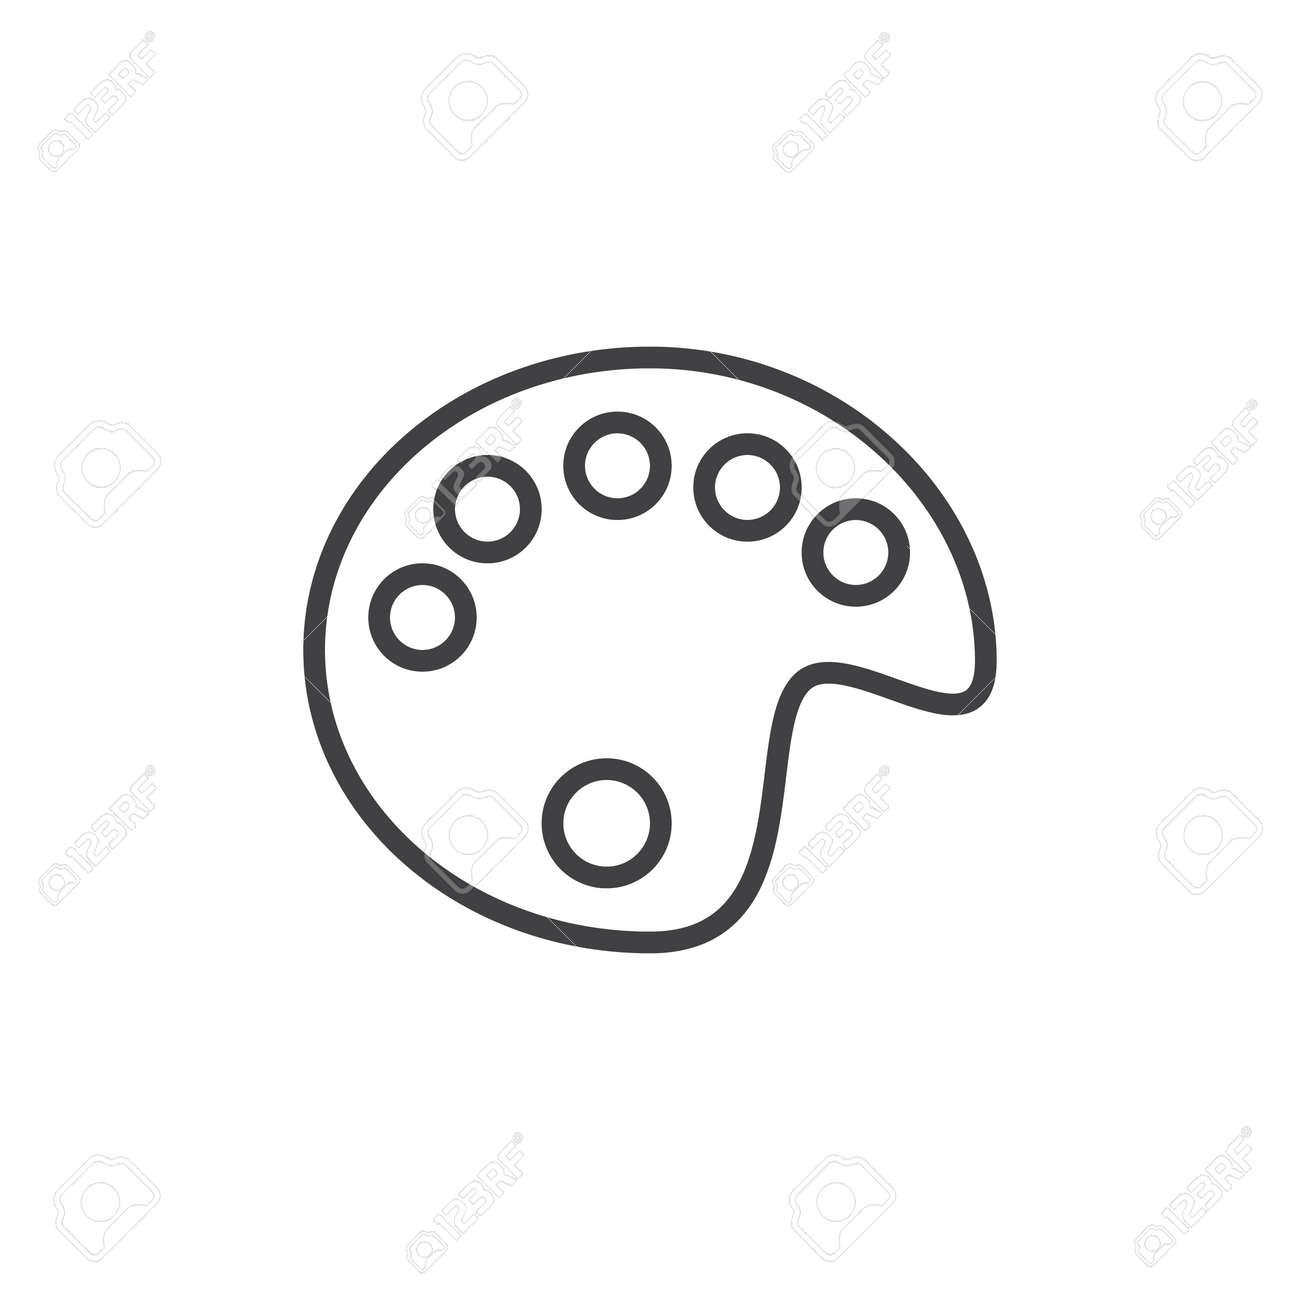 Dessin De Licône De La Ligne De La Palette De Couleurs Du Contour Du Signe Vectoriel Du Pictogramme De Style Linéaire Isolé Sur Blanc Symbole